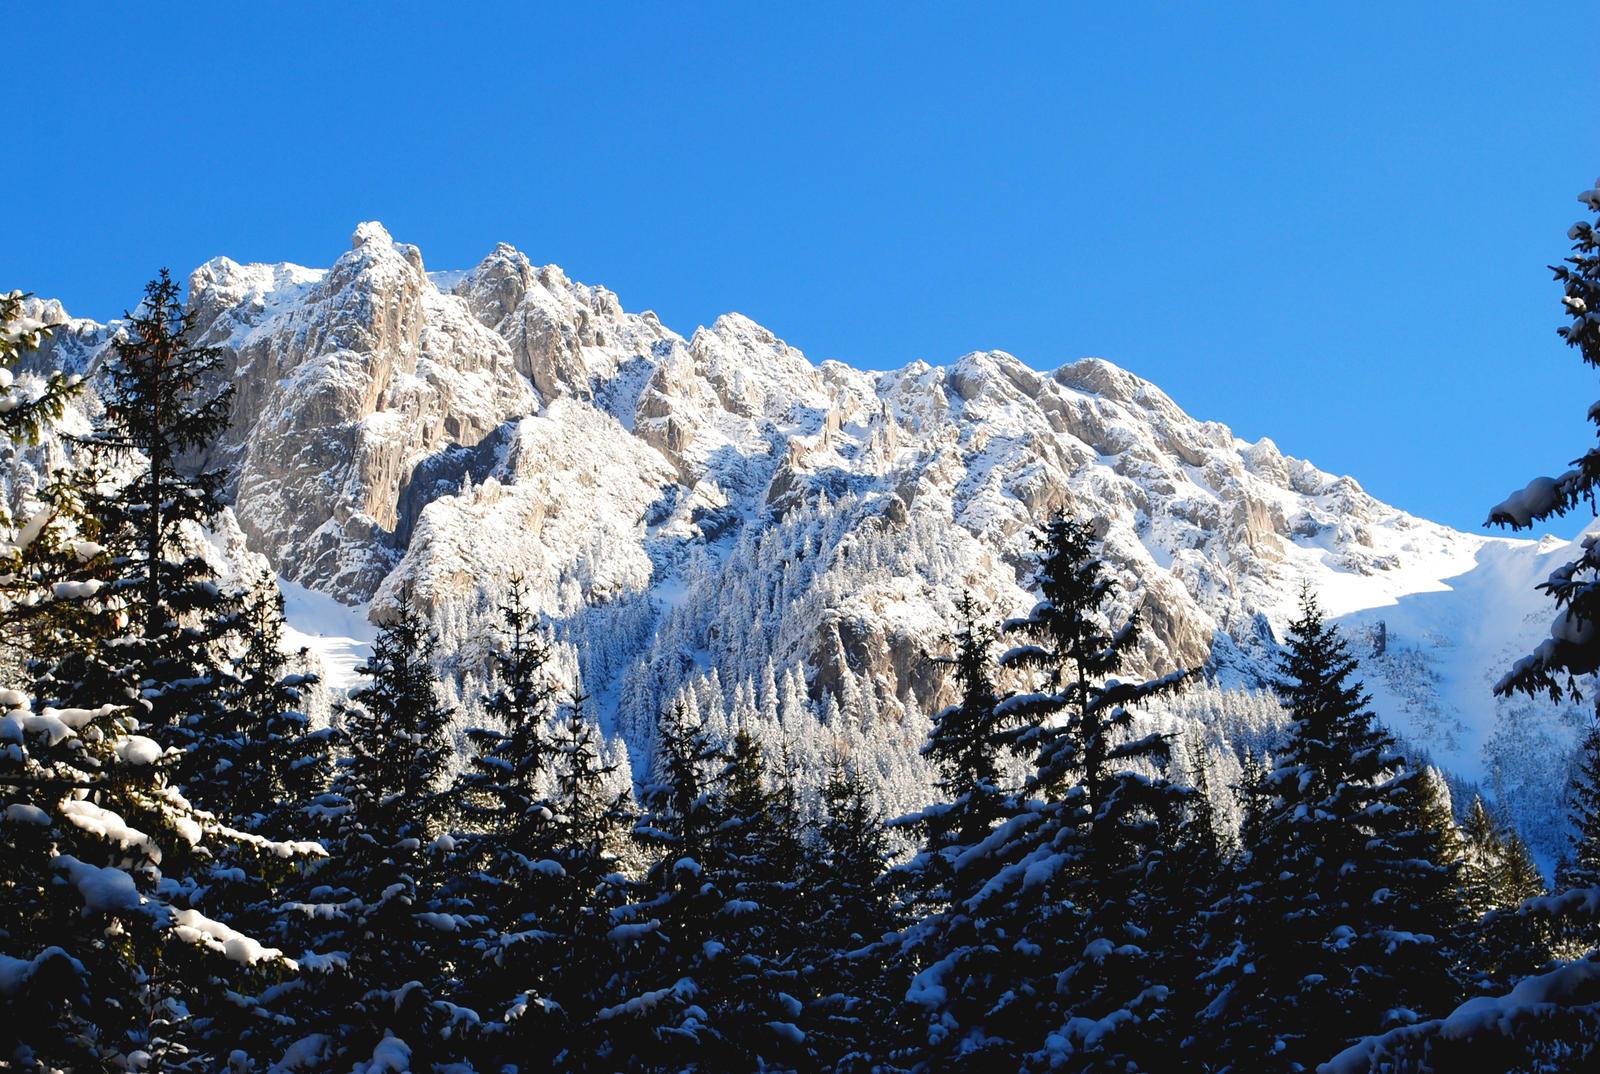 http://fc03.deviantart.net/fs70/i/2011/036/f/7/winter_landscape_3_by_manekineko67-d38vngs.jpg